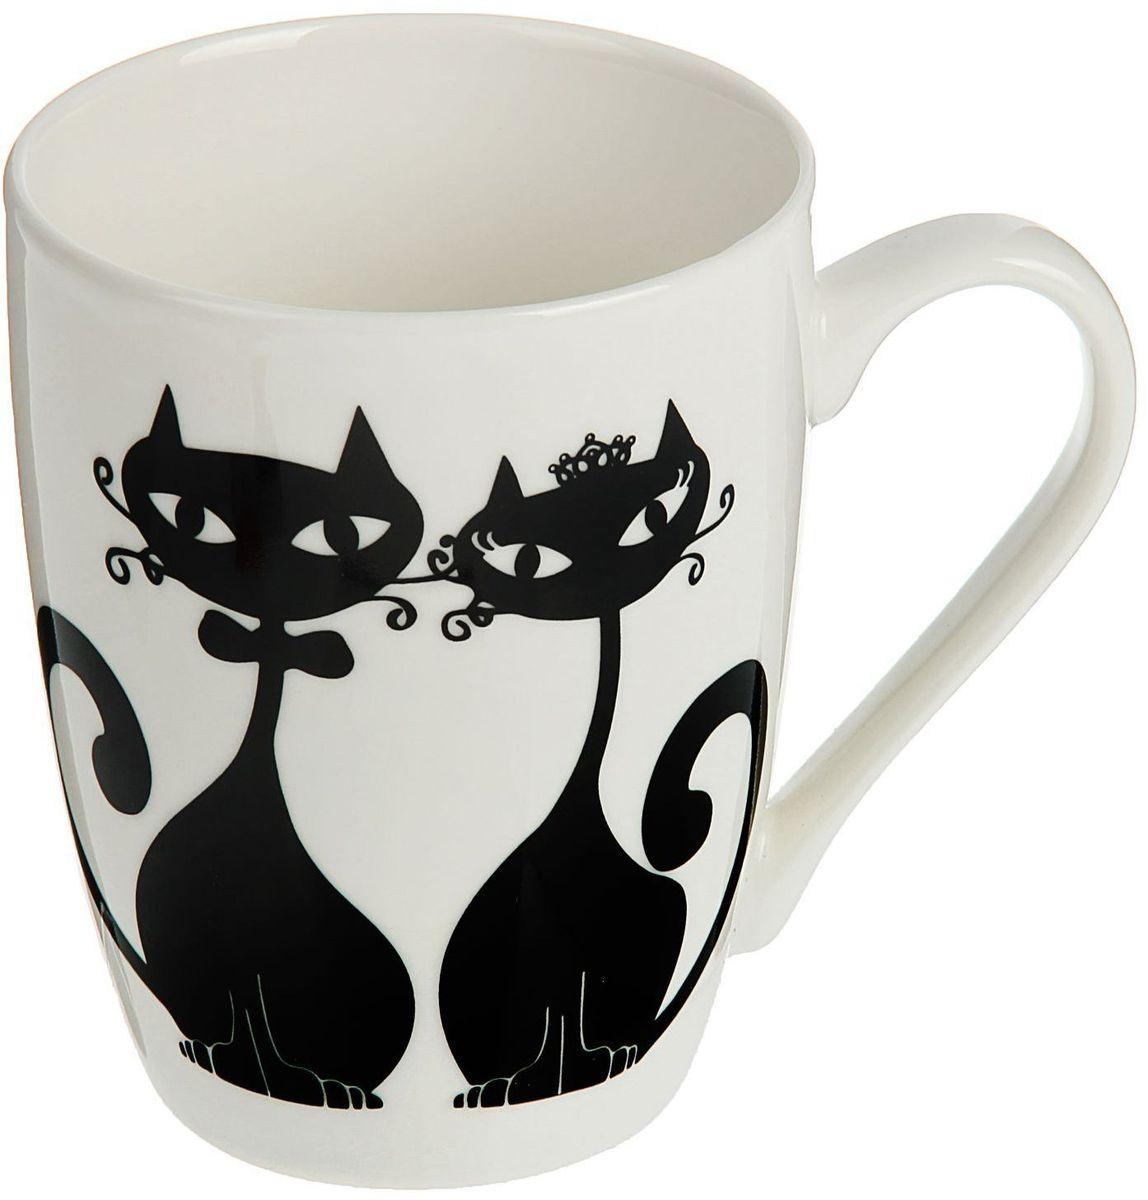 Кружка Доляна Влюбленные коты, 350 мл68/5/2Кружка Доляна Влюбленные коты изготовлена из керамики. Она украшена оригинальным рисунком с кошками.Кружка станет отличным подарком для родных и близких. Это любимый аксессуар на долгие годы. Относитесь к изделию бережно, и оно будет дарить прекрасное настроение каждый день.